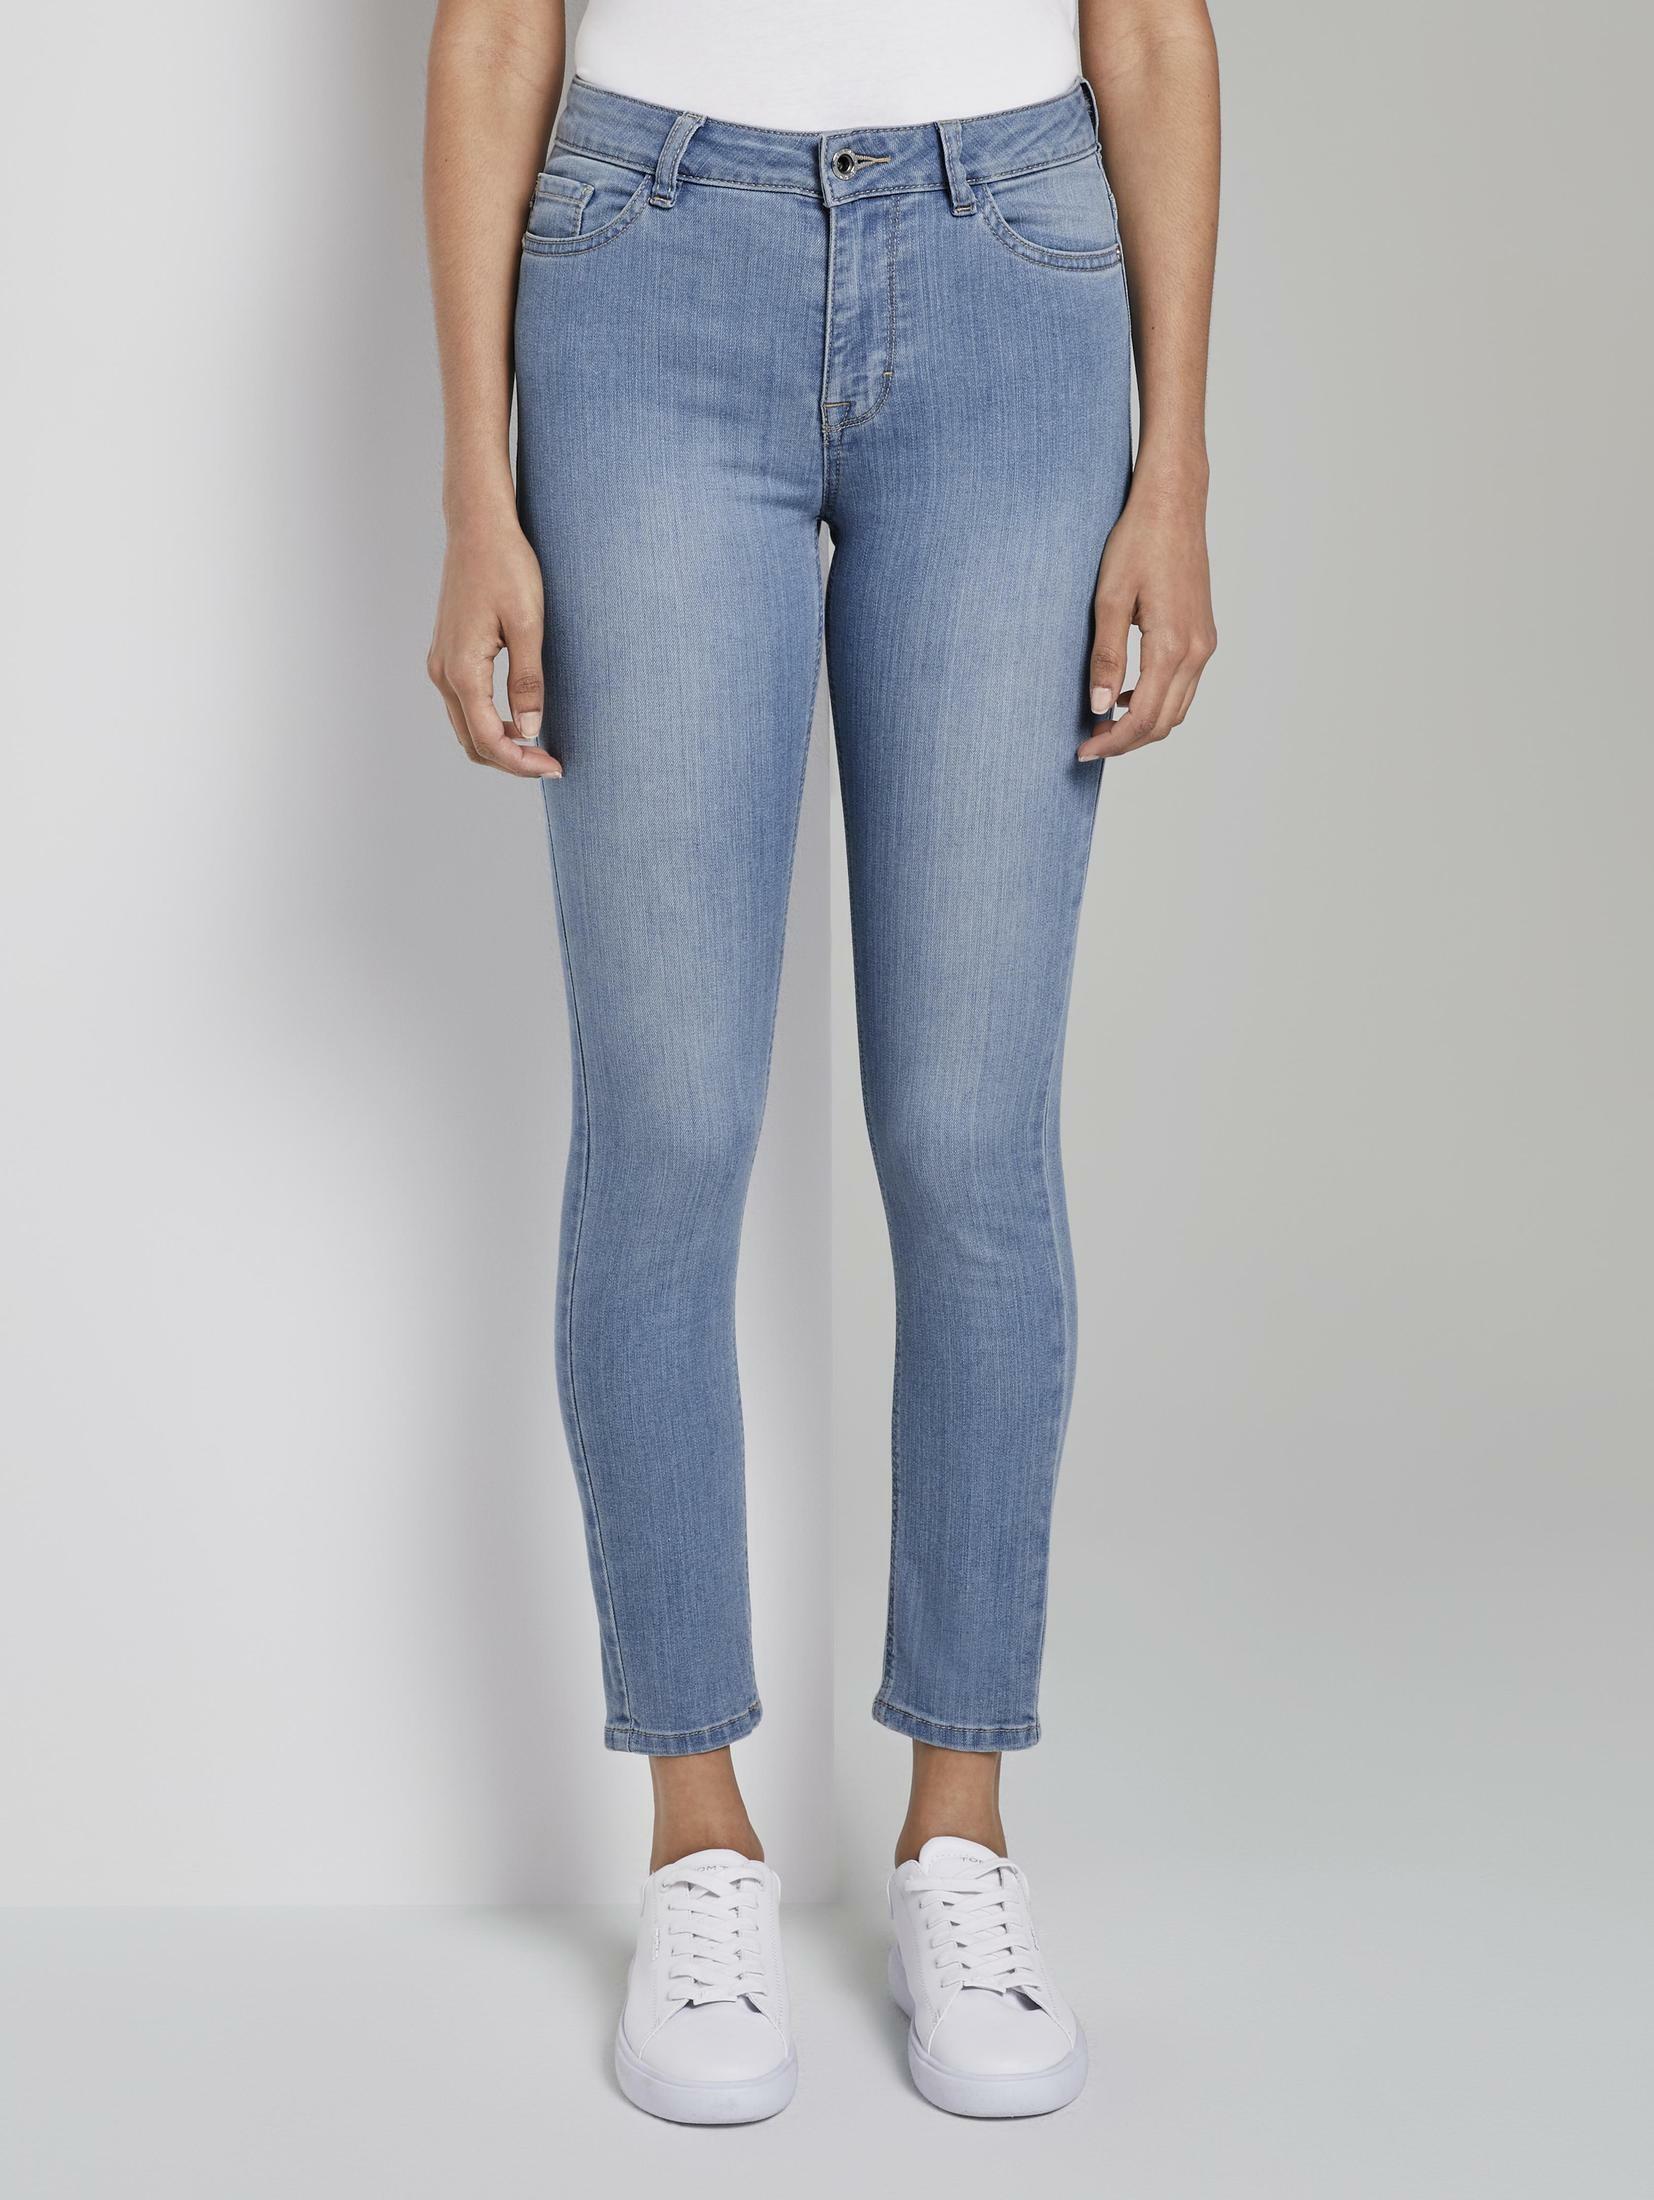 tom tailor mine to five anklejeans skinny jeans anklelength Mit Knopf und Reißverschluss zum Schließen AKLBB1109122816